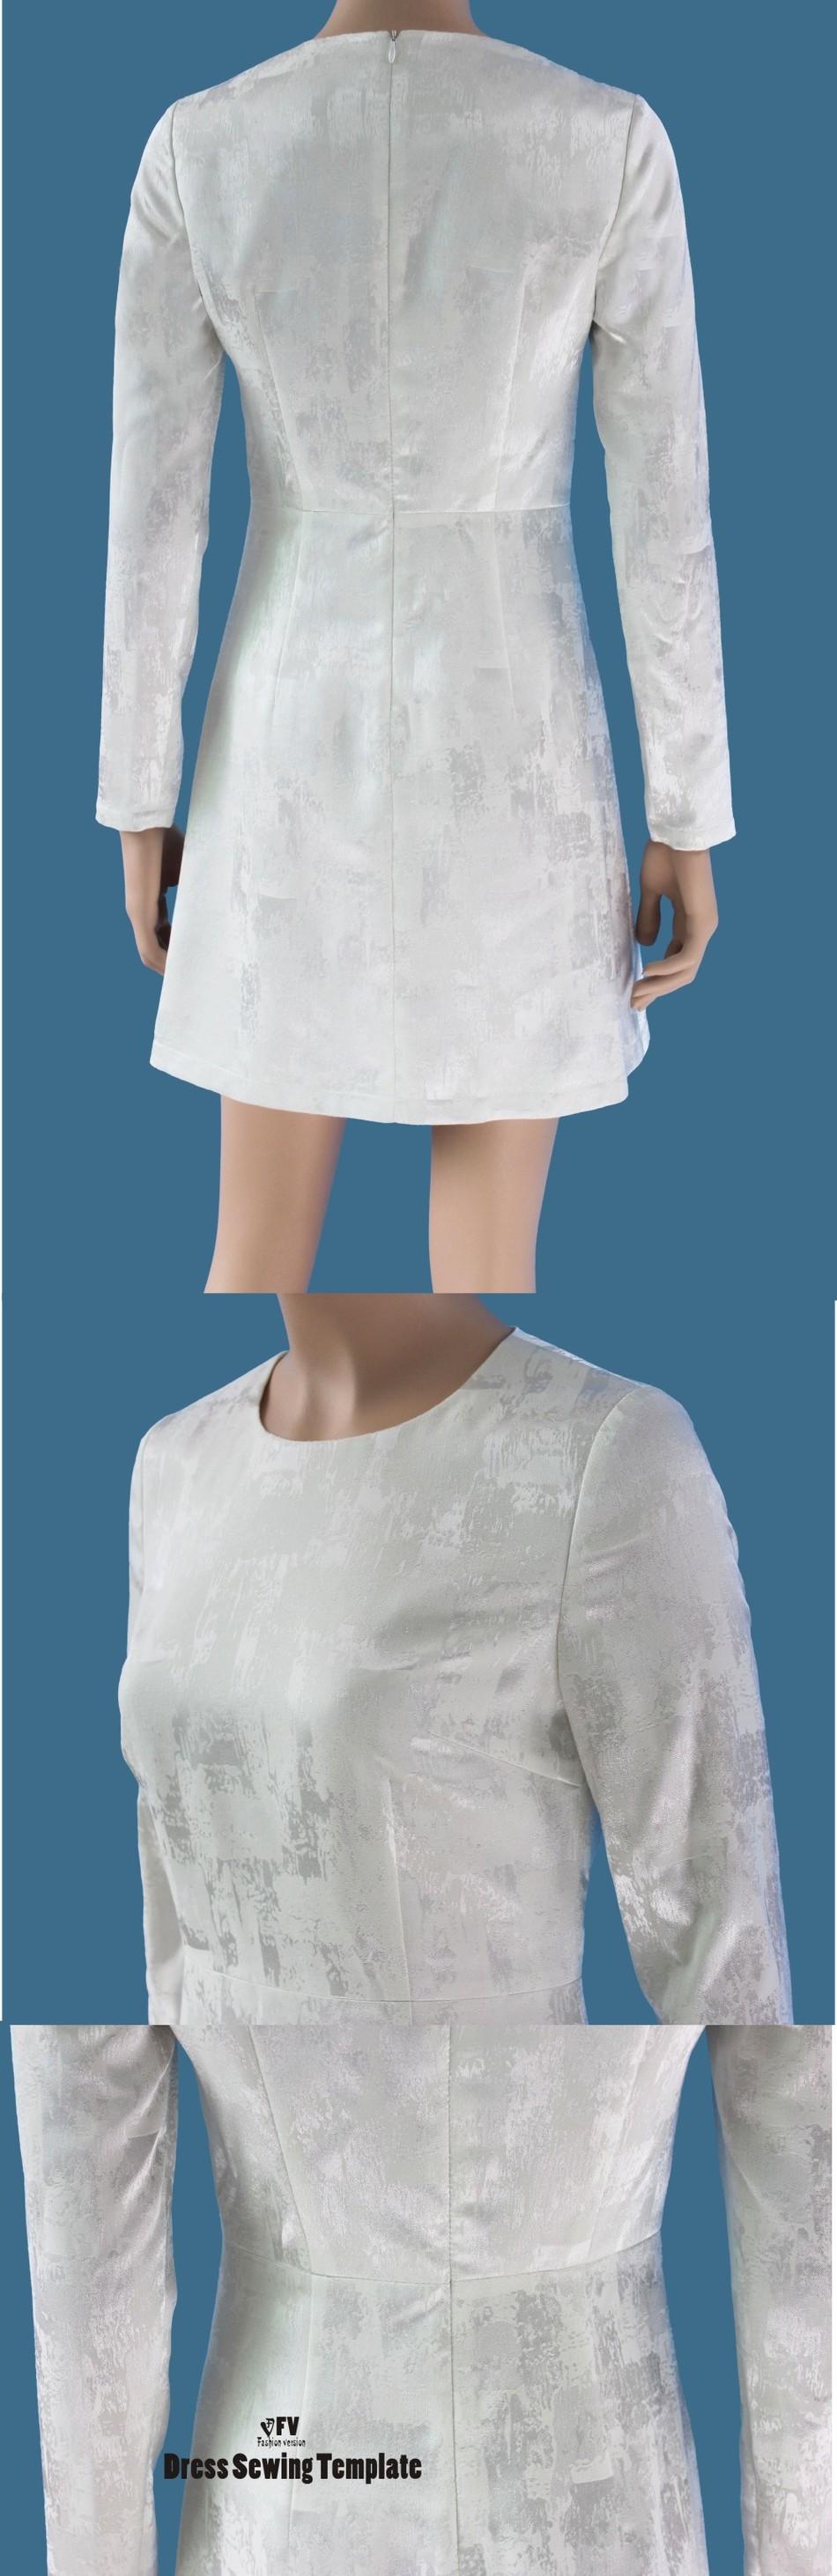 ⑤Vestidos Patrón de Costura de Corte Plantilla De dibujo Ropa DIY ...